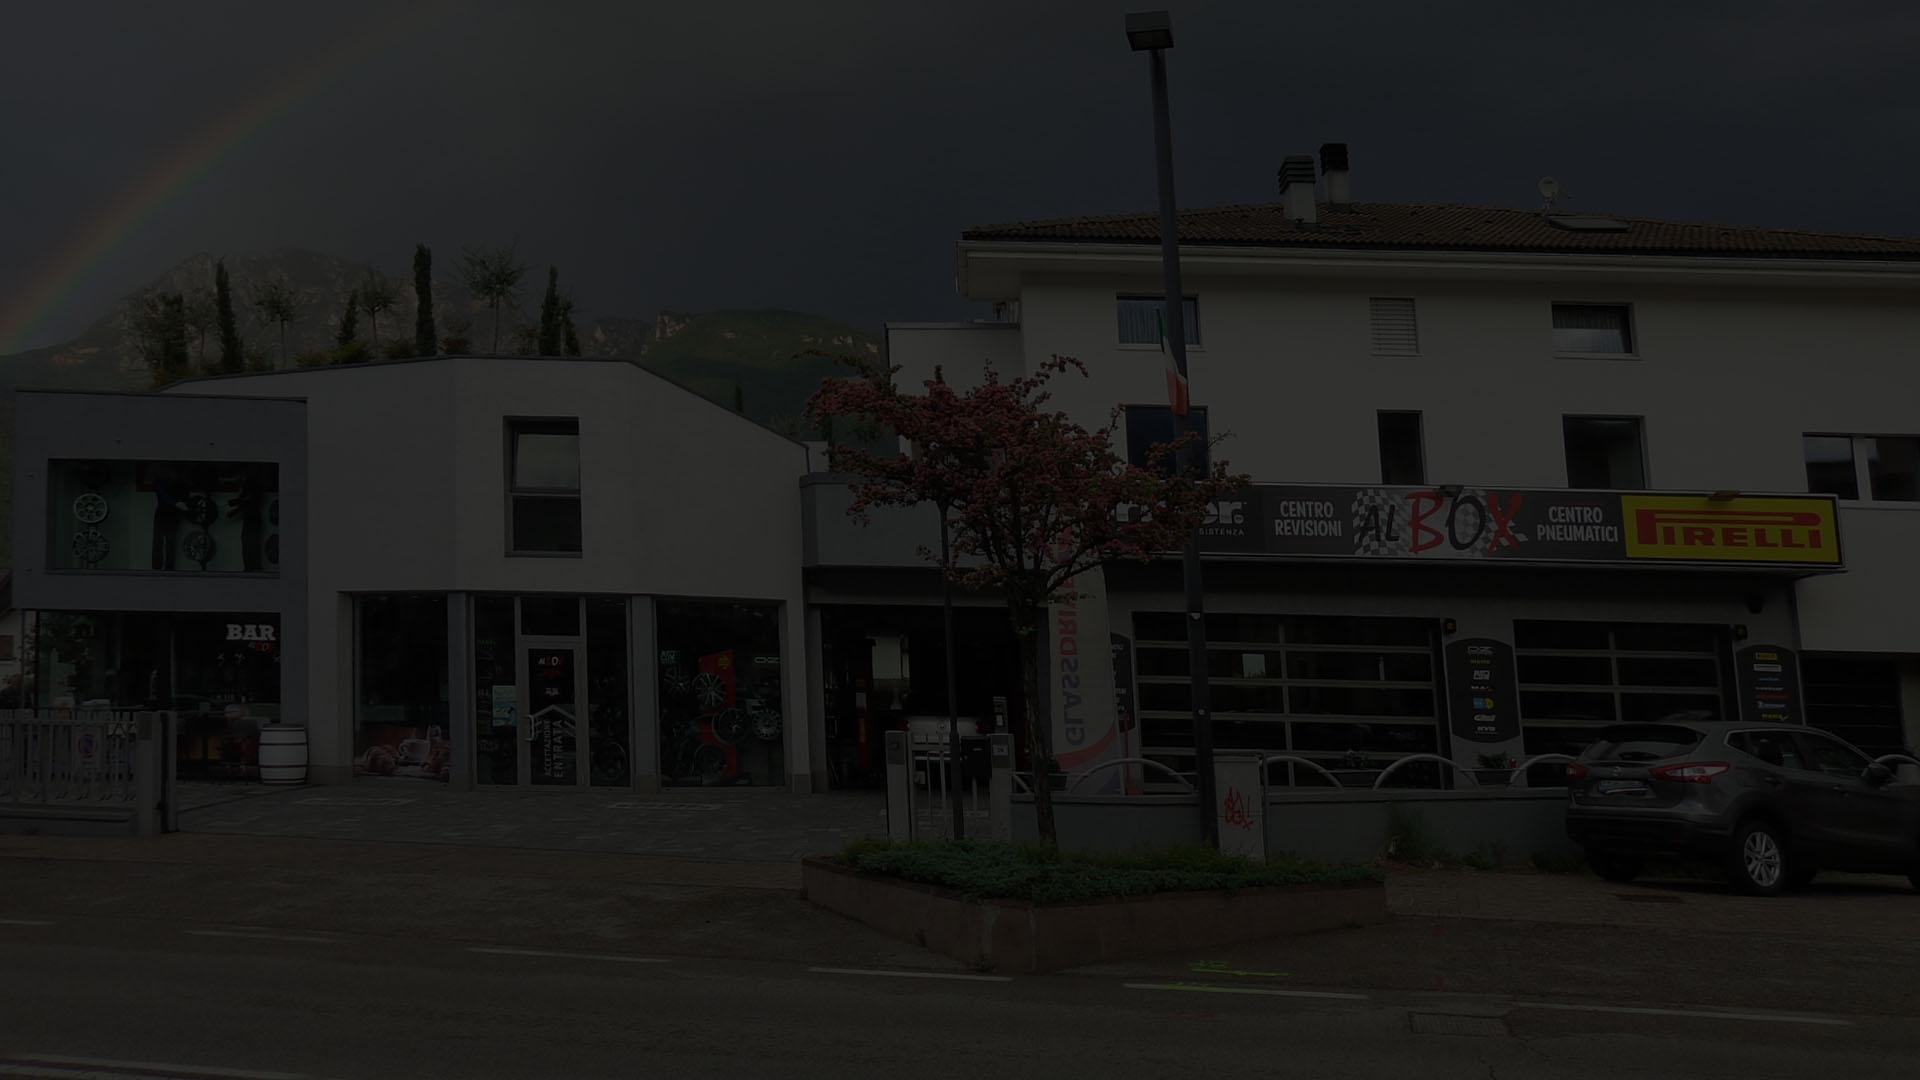 AL BOX | Centro Revisioni e Car Service